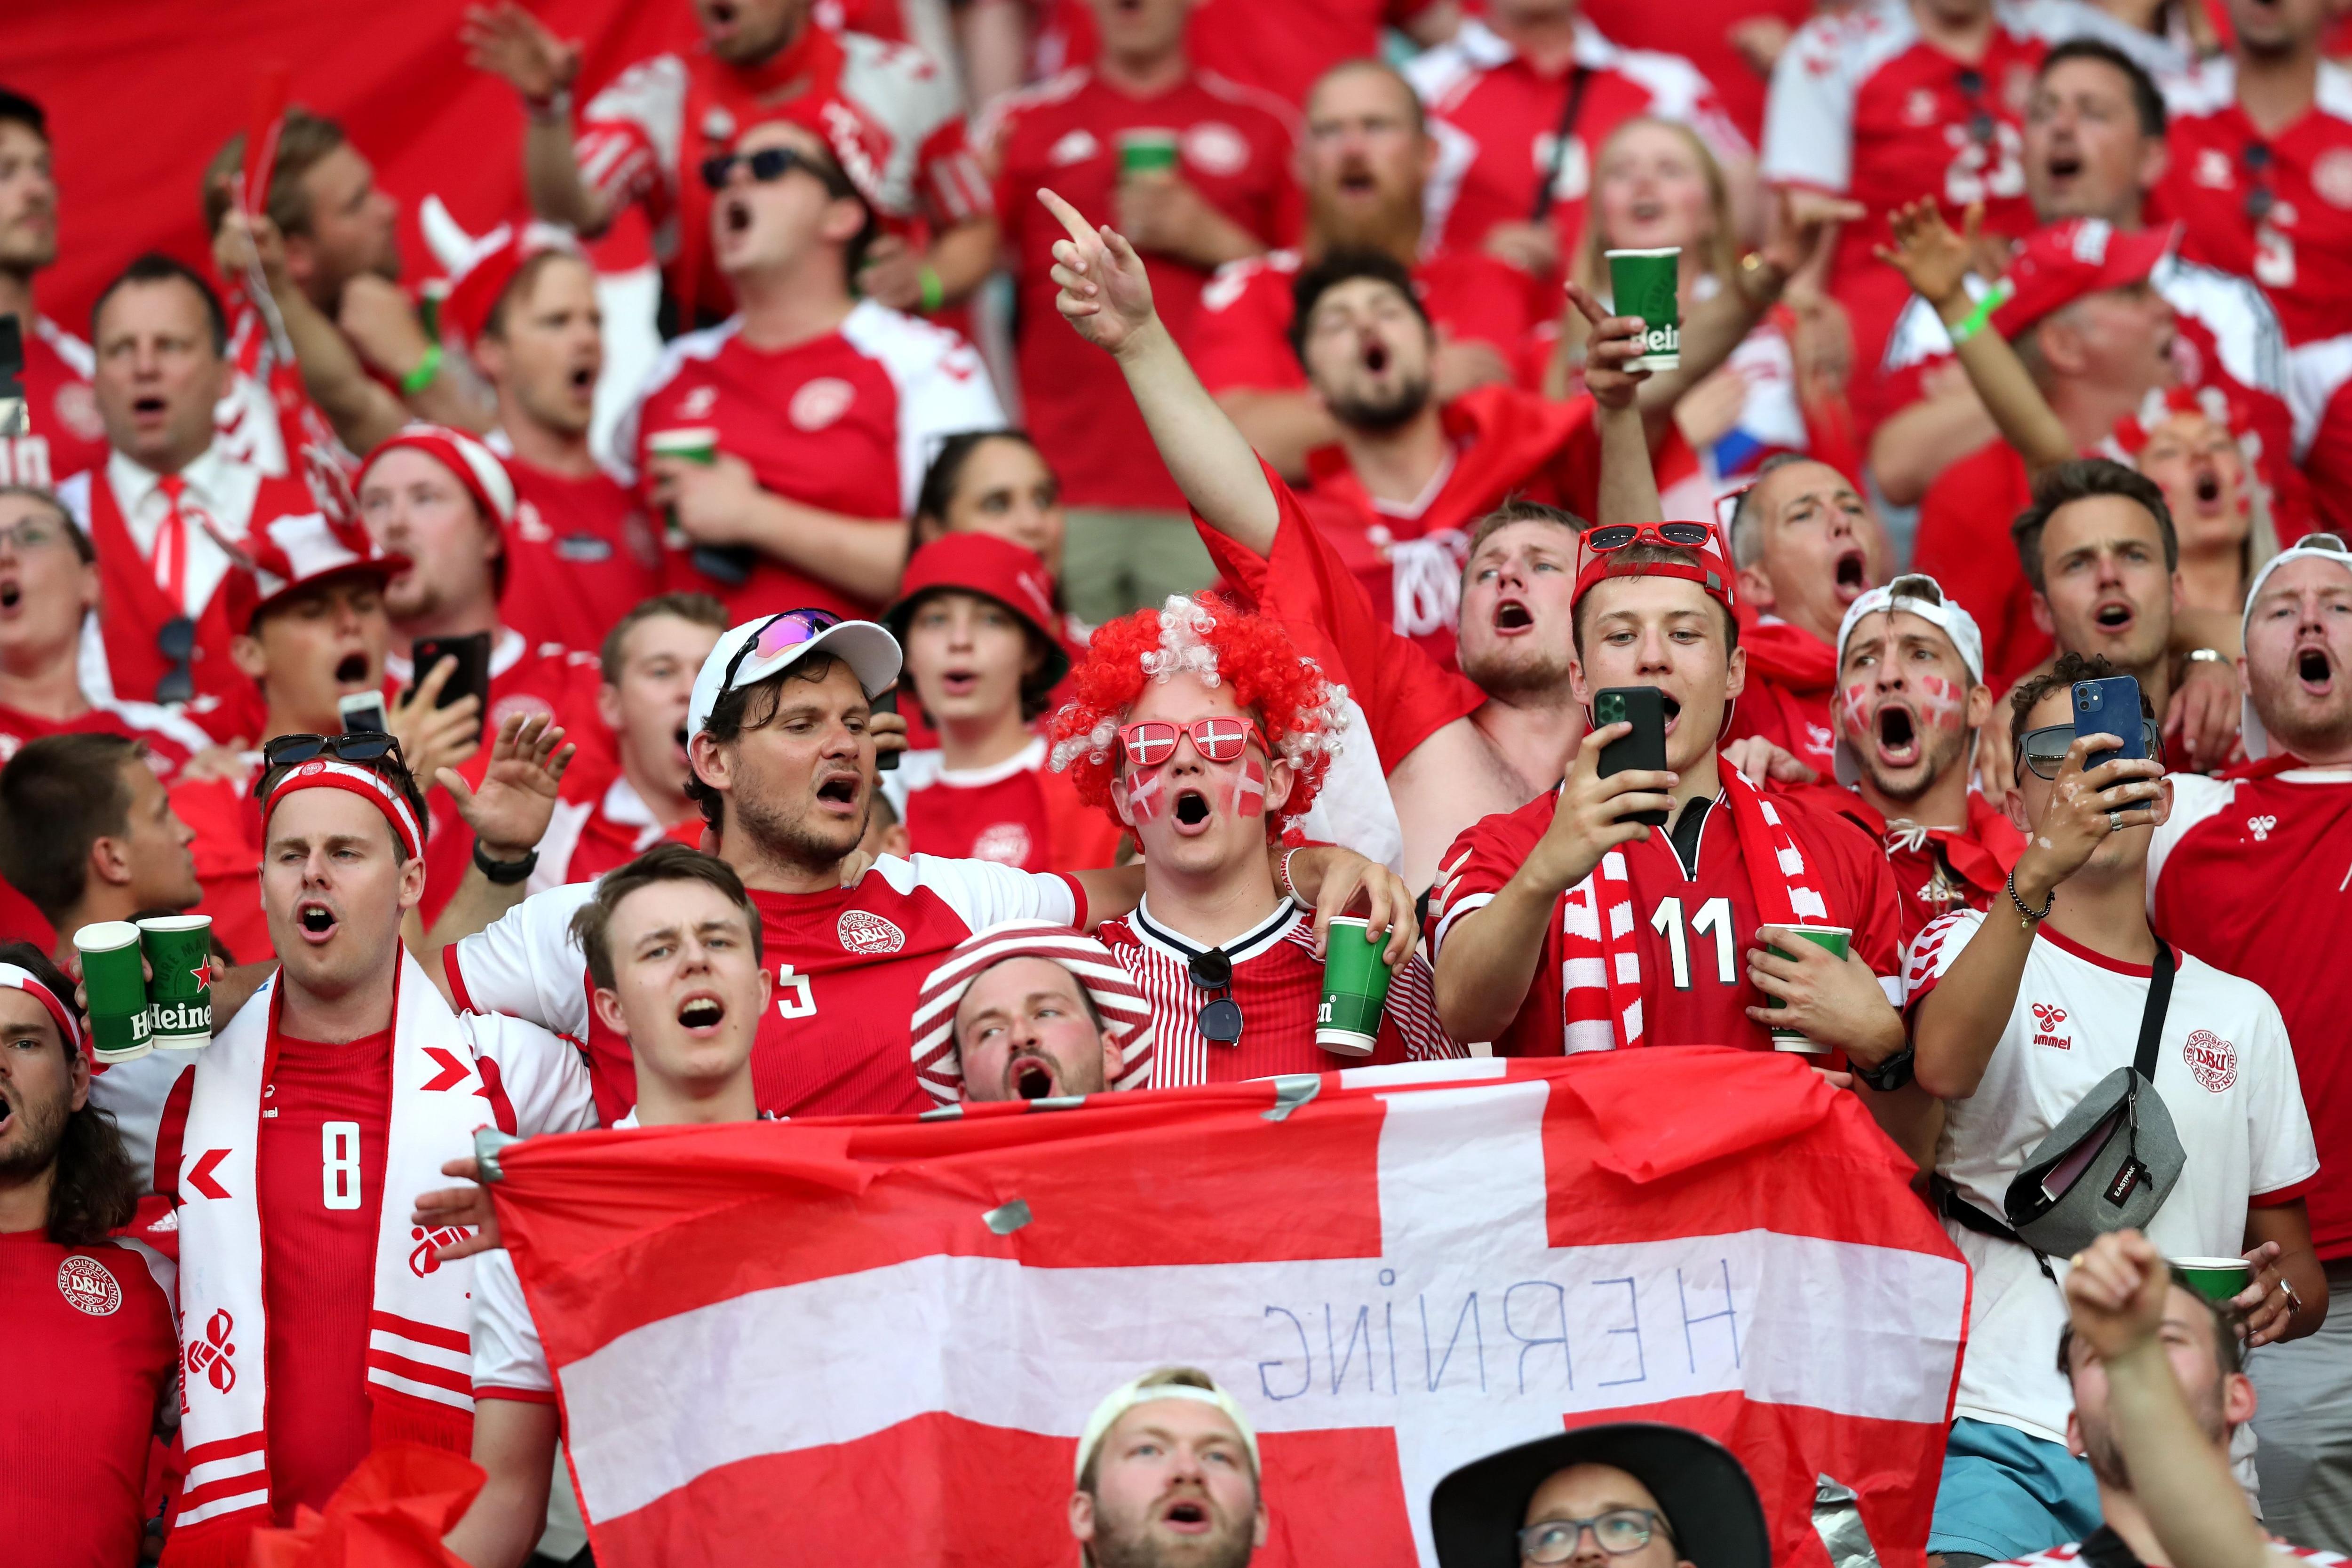 Los daneses que viajen a Reino Unido deberán hacer 10 días de cuarentena (Reuters)